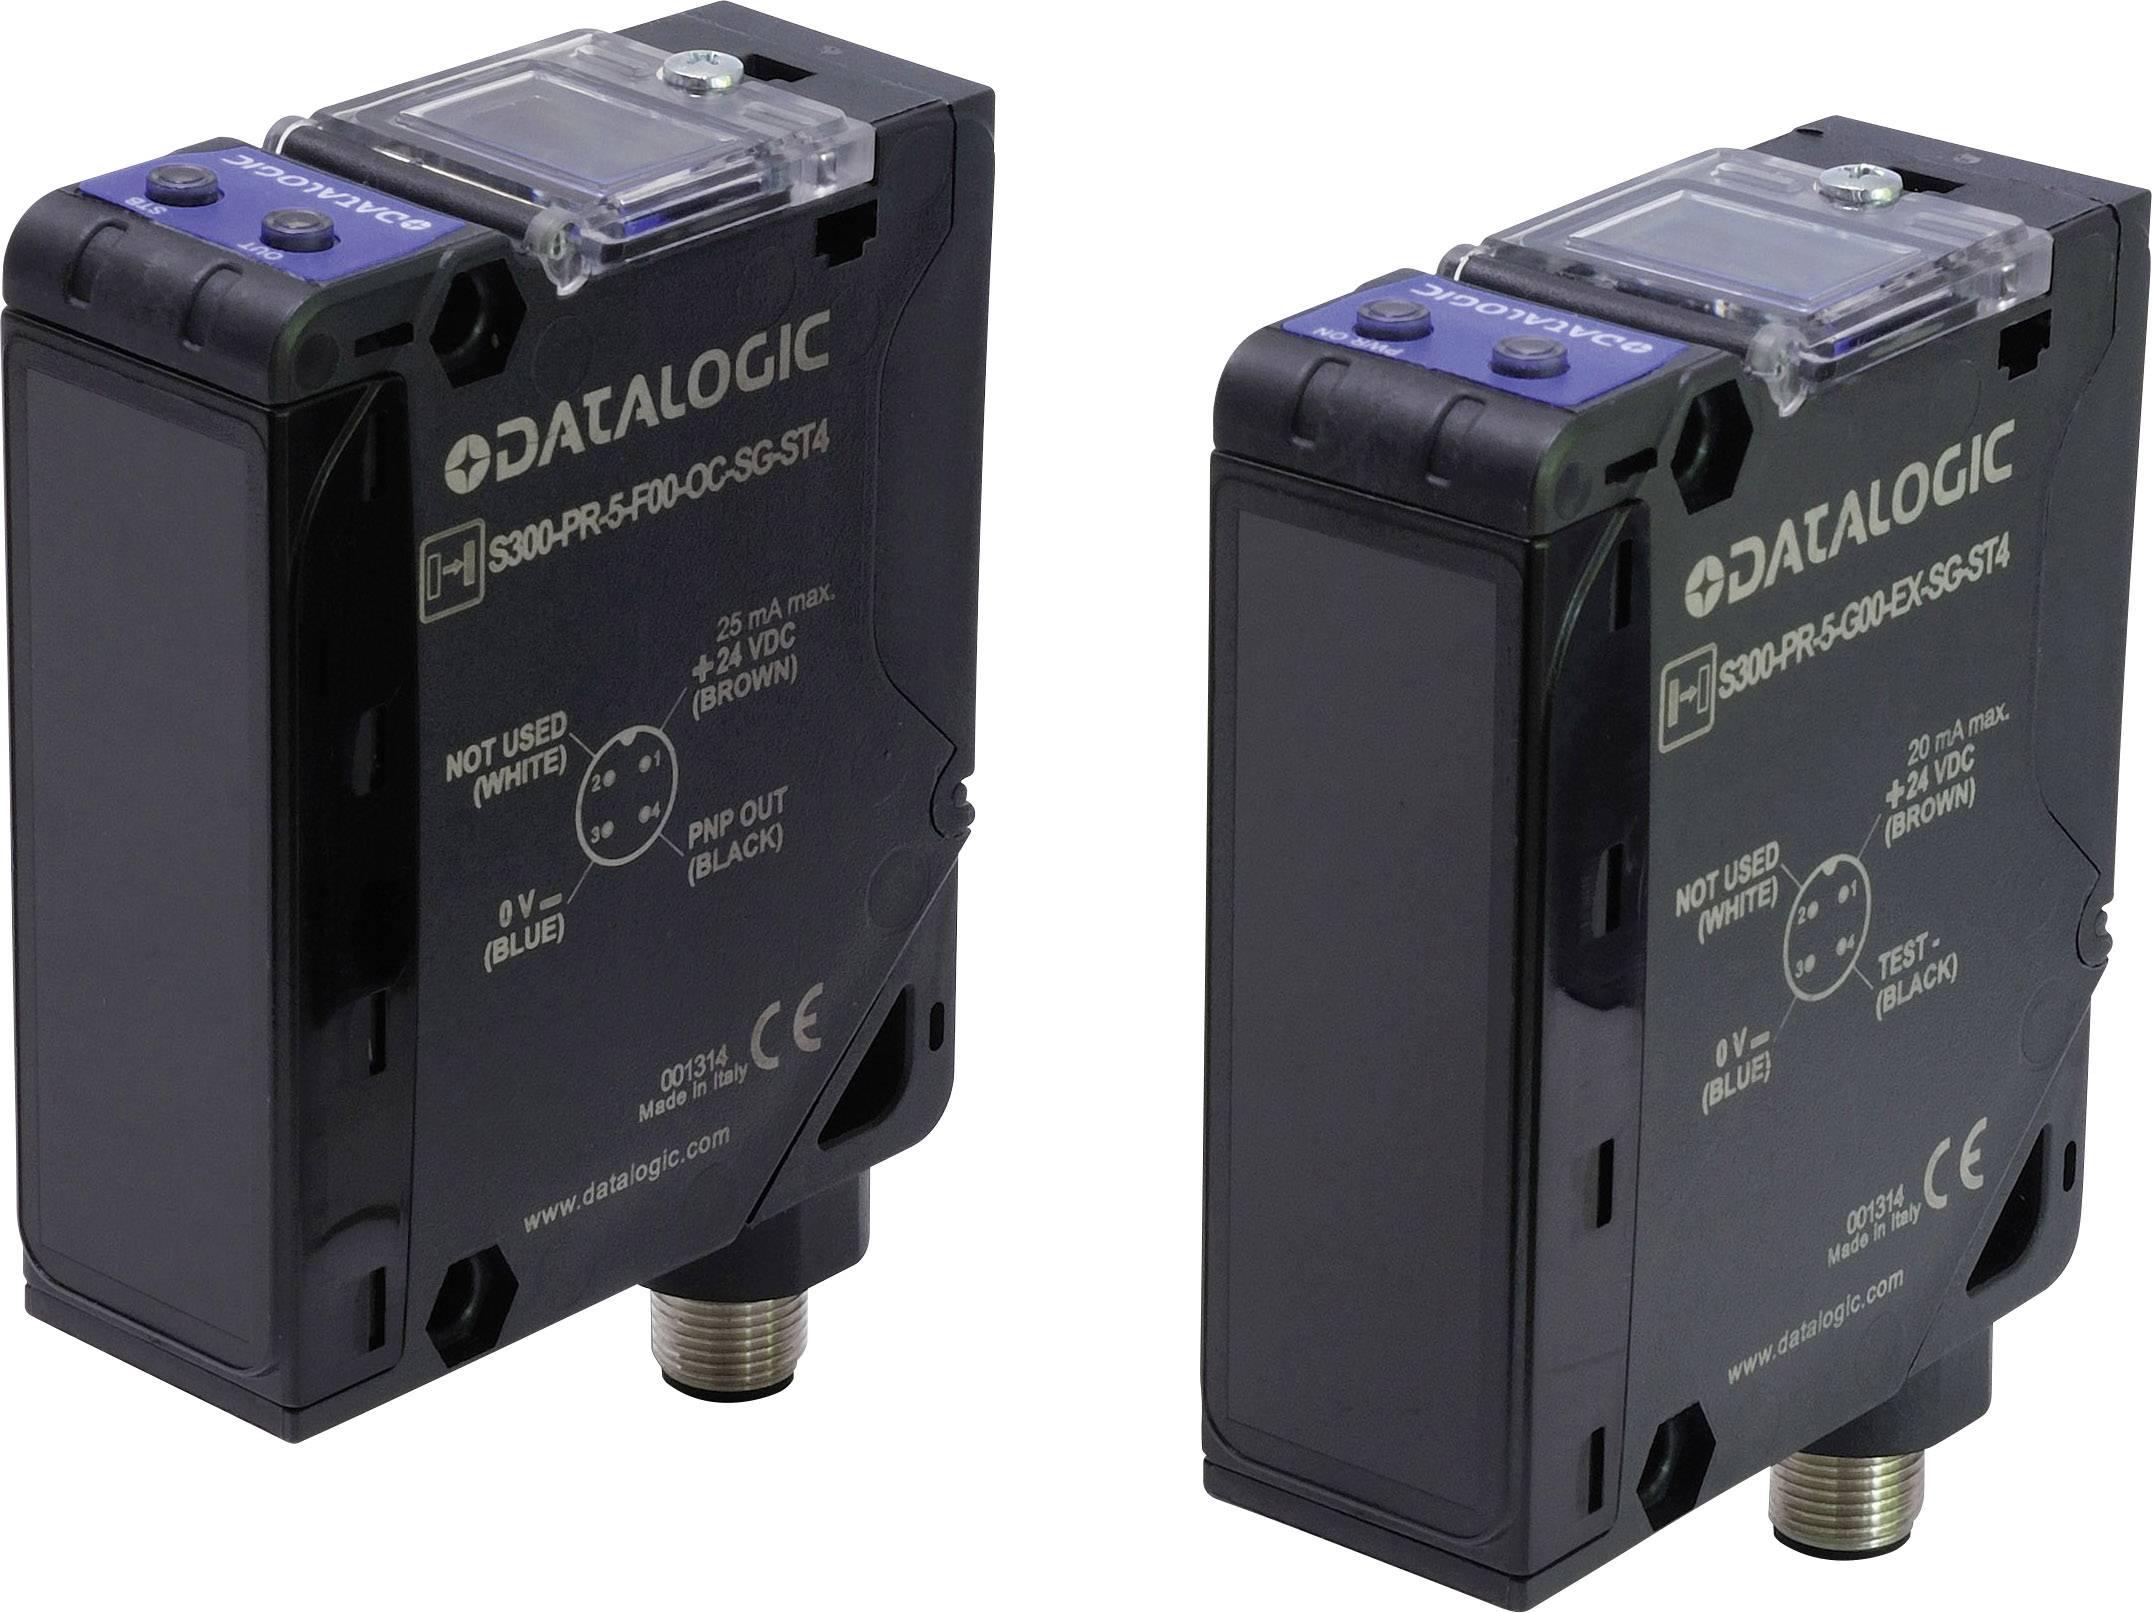 Reflexní světelná závora DataLogic S300-PR-1-F01-RX 951451250, Max. dosah 60 m